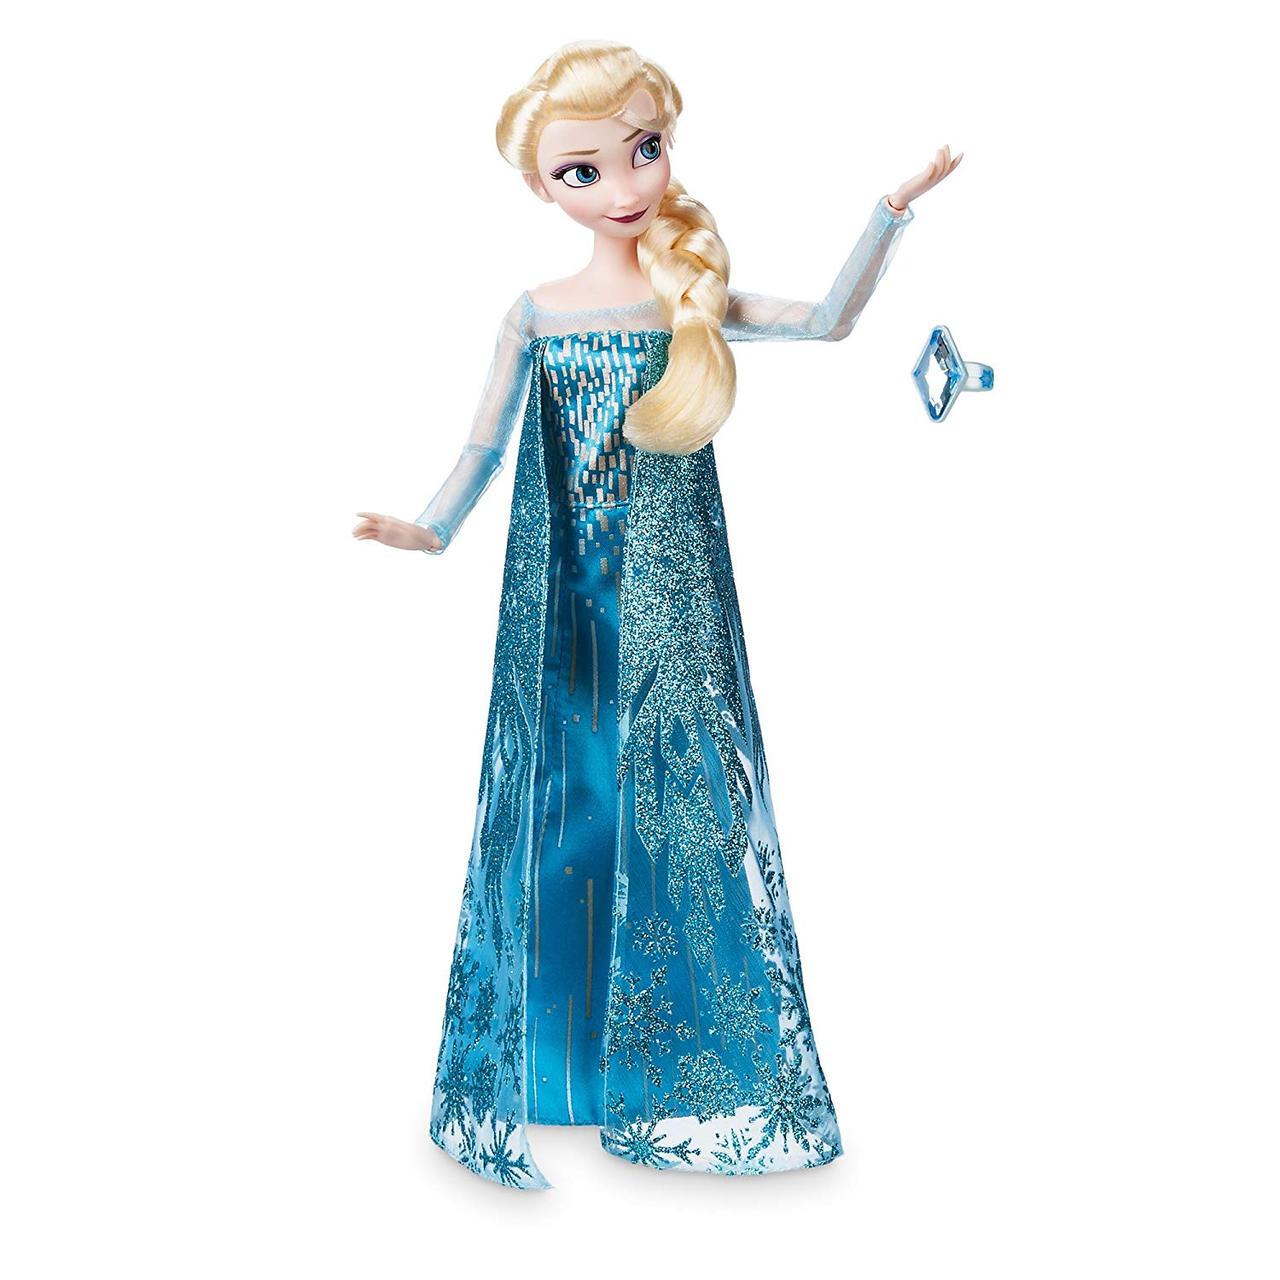 Кукла Принцесса Эльза с кольцом Дисней Disney Elsa Classic Doll with Ring - Frozen